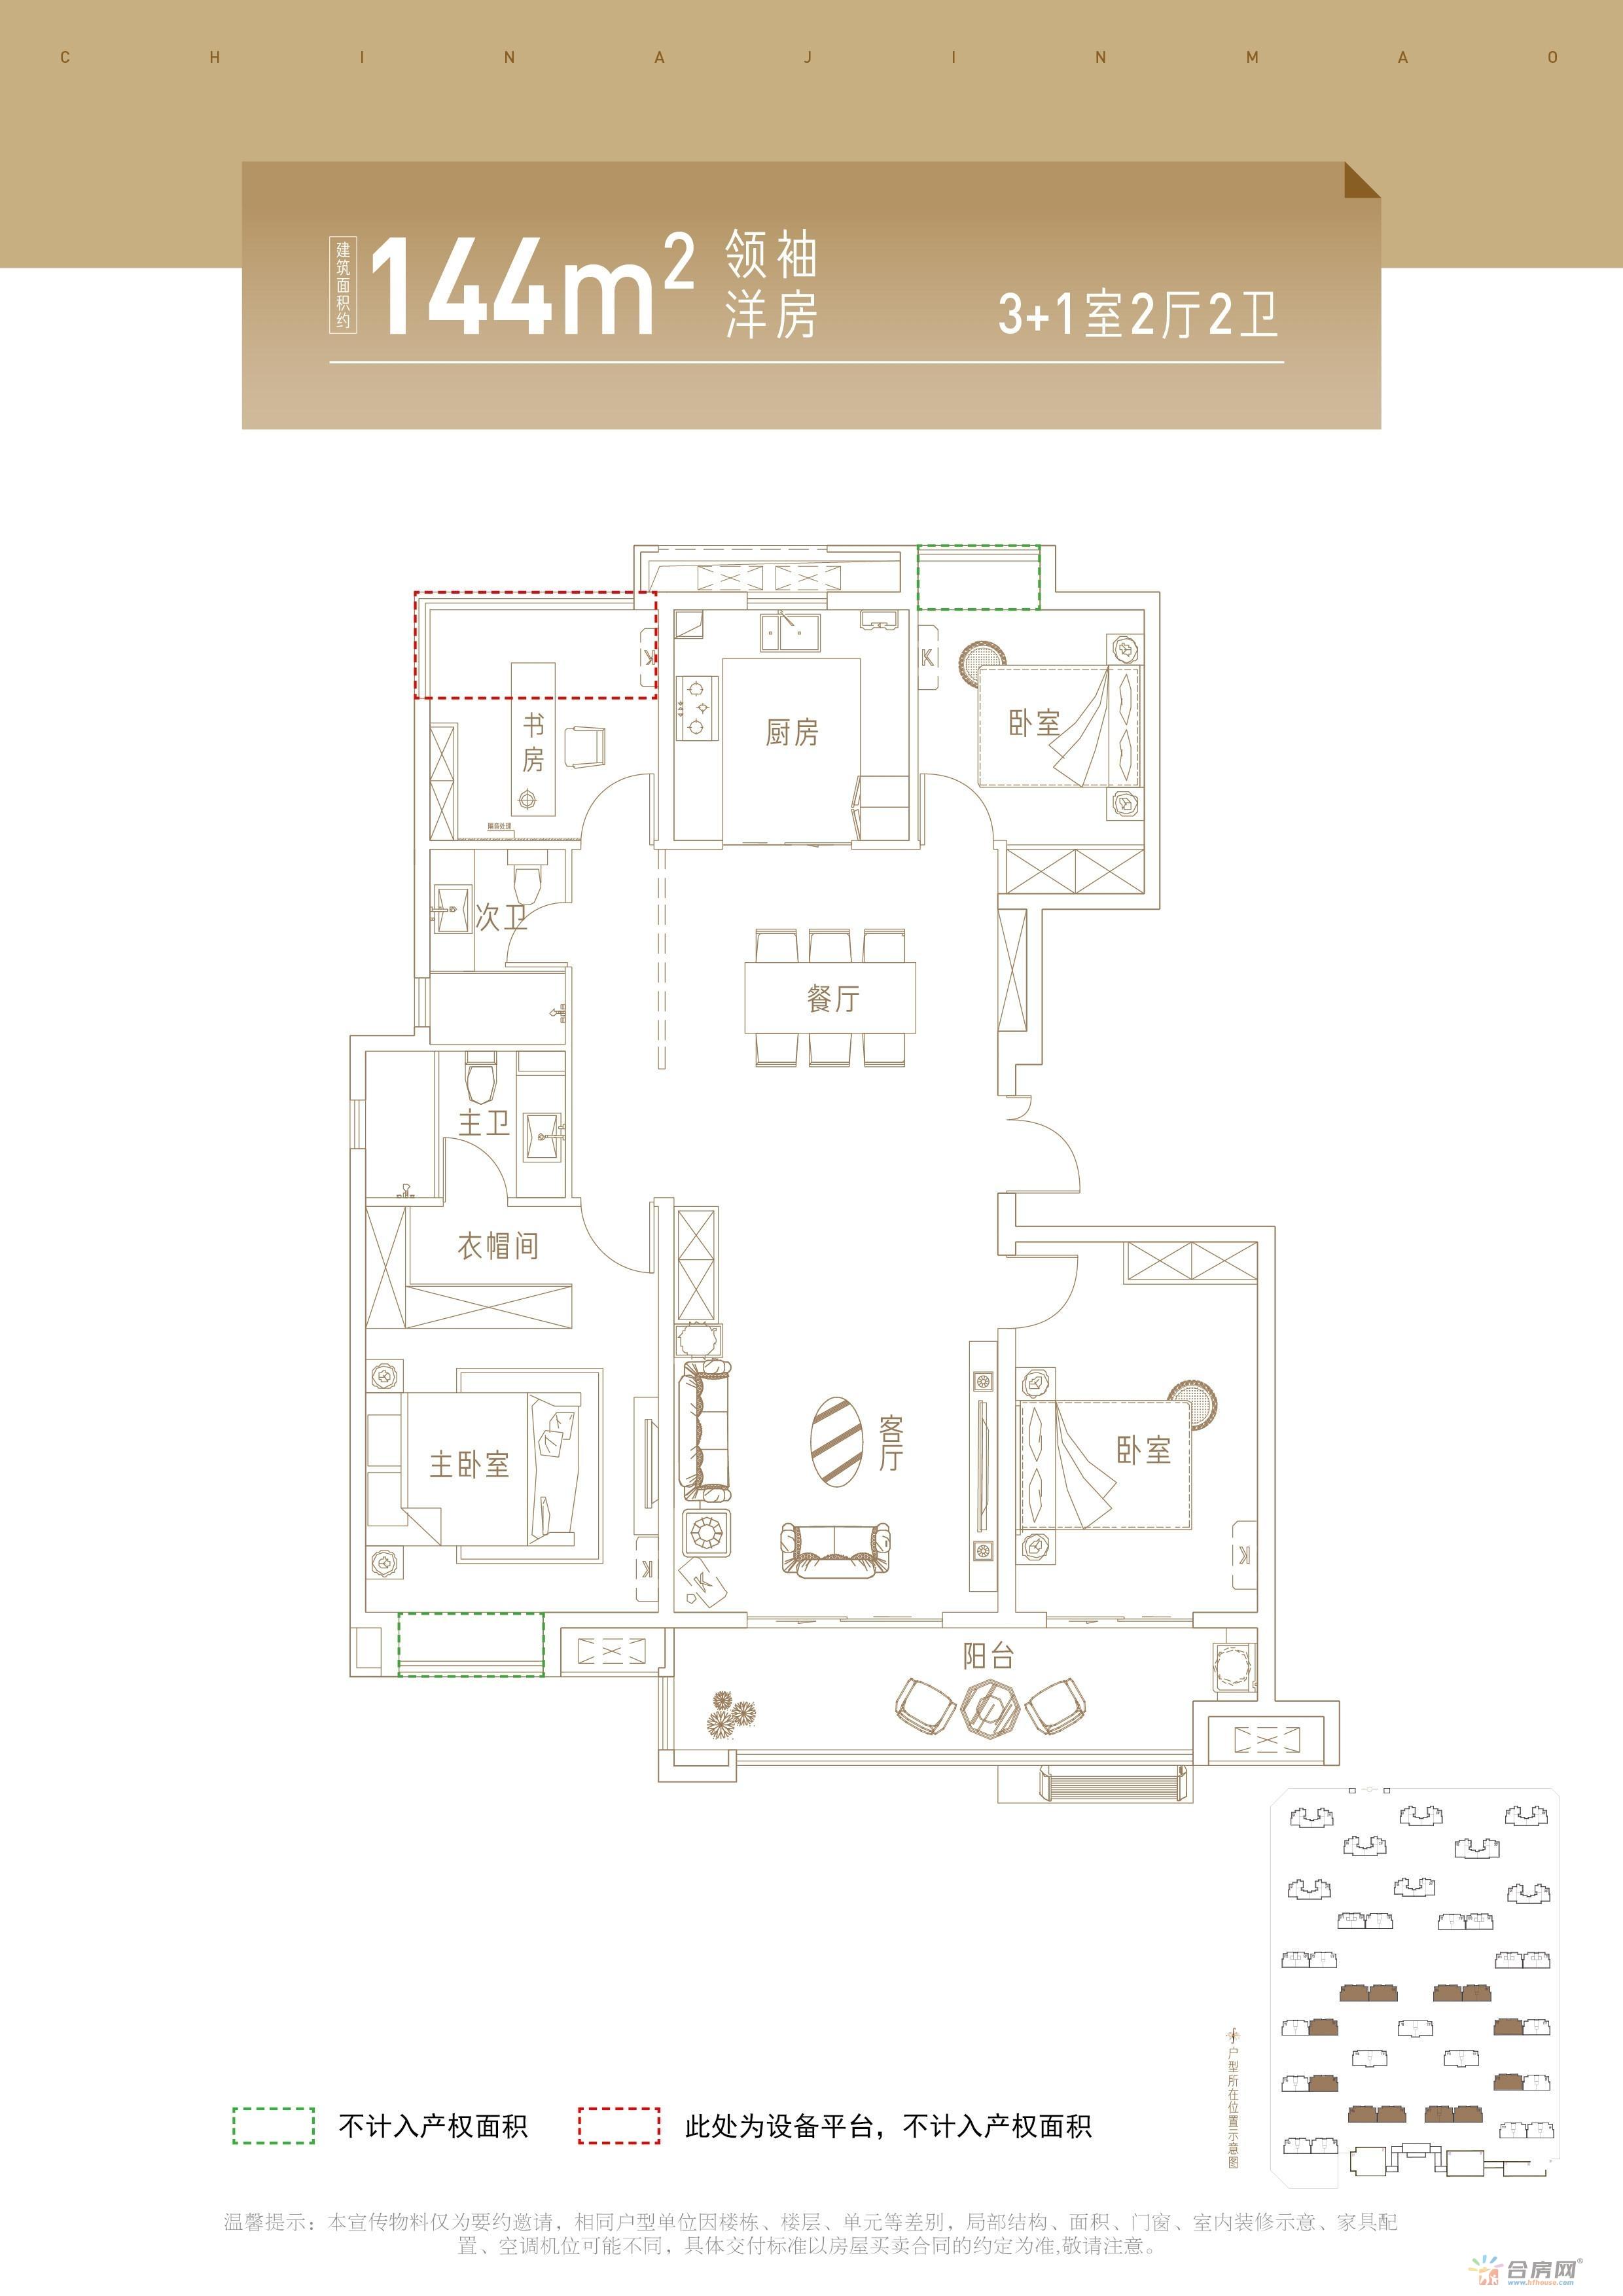 144㎡洋房户型,四室两厅一厨两卫,朝南阳台连接客厅和次卧,主卧自带南向飘窗,衣帽间和卫浴空间,私密性较好,餐厅与客厅一体化设计,更大程度扩大生活空间。